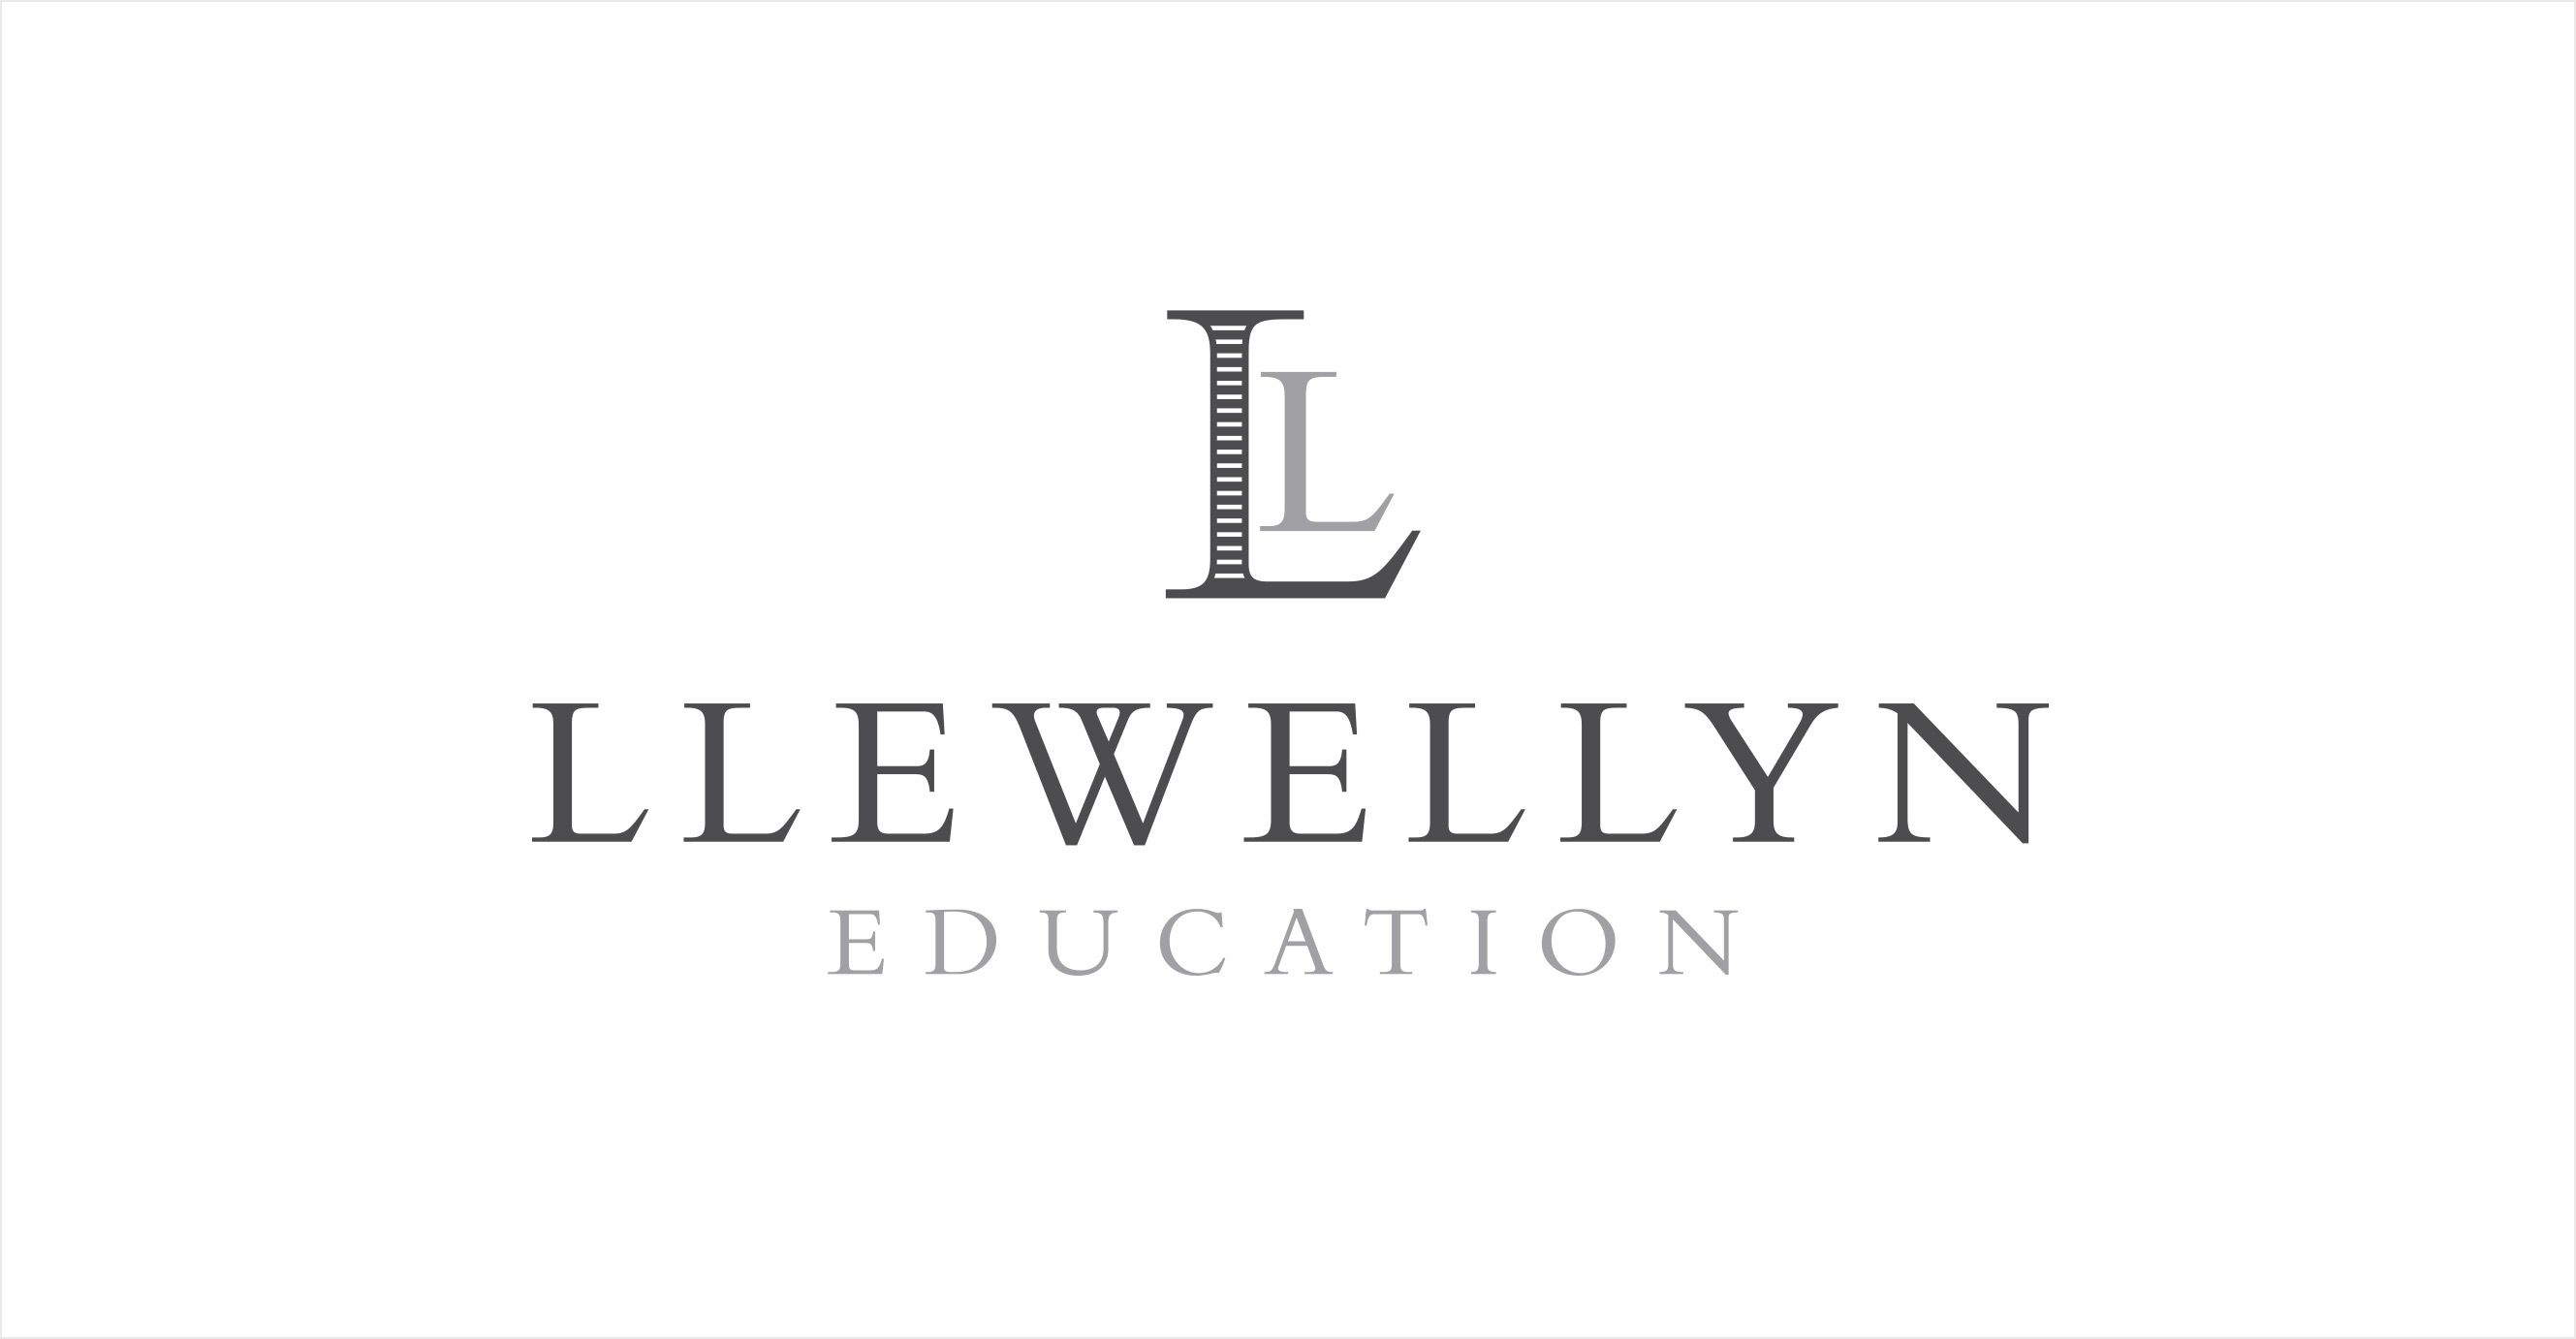 Llewellyn education